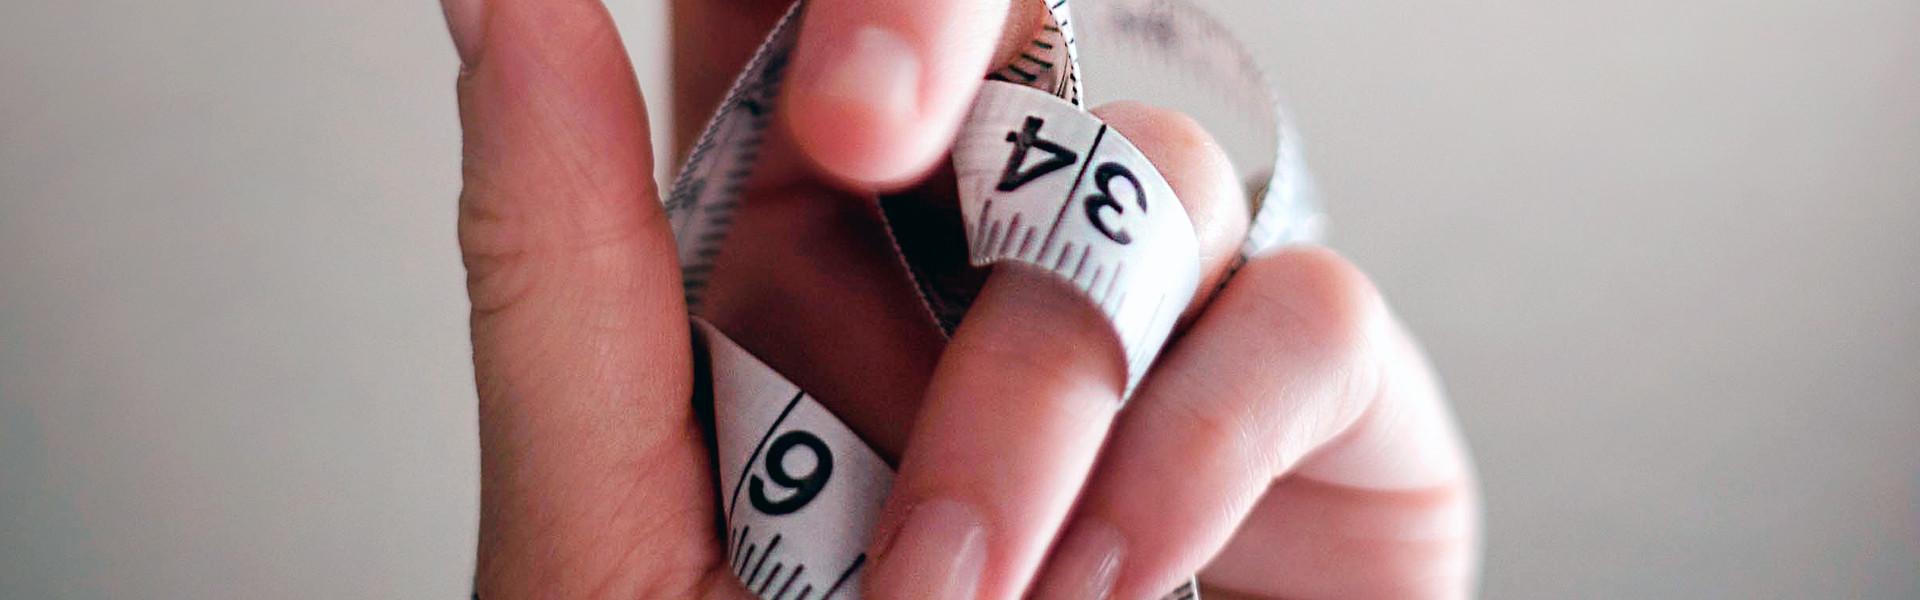 Tratamento Dual da Anorexia e Bulimia